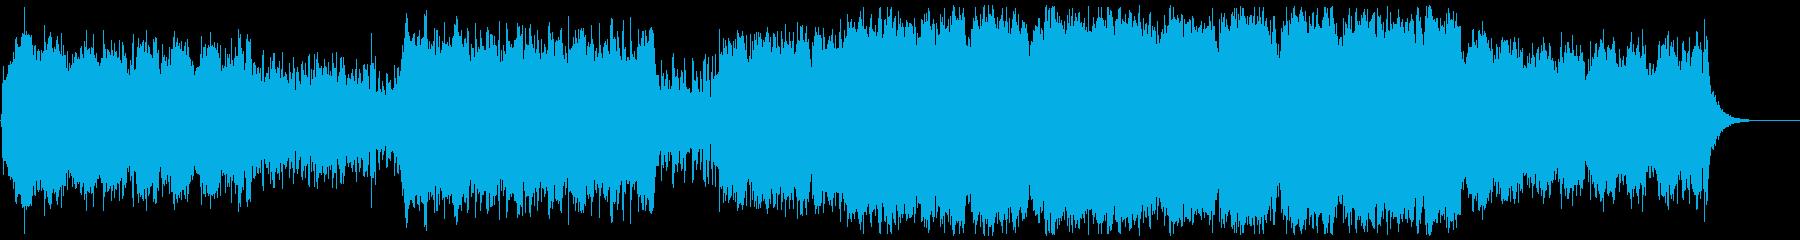 壮大シリアスなハリウッド系オーケストラの再生済みの波形